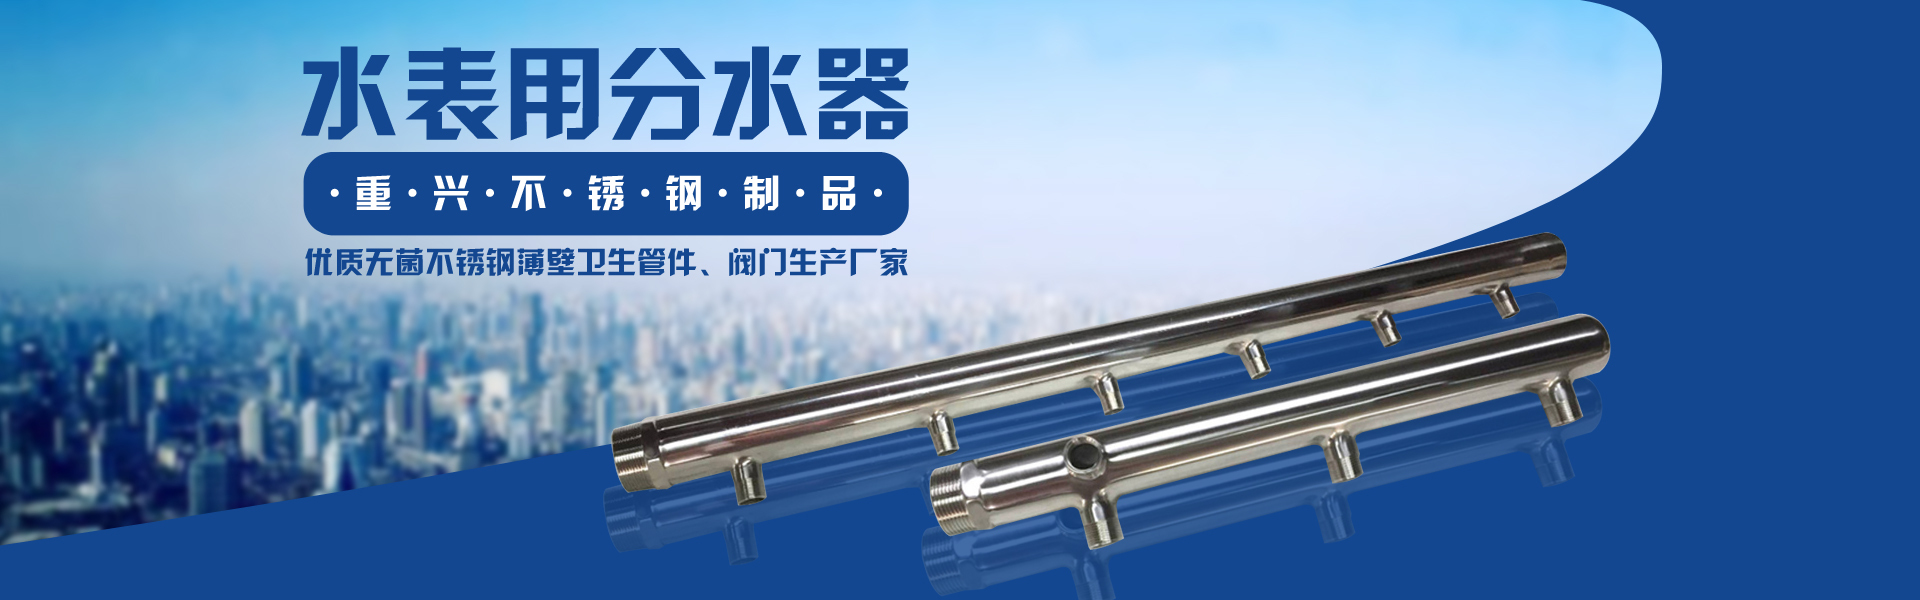 重興不銹鋼制品有限公司專業生產不銹鋼分水器,是一家優質無菌不銹鋼薄壁衛生管件、閥門生產廠家。